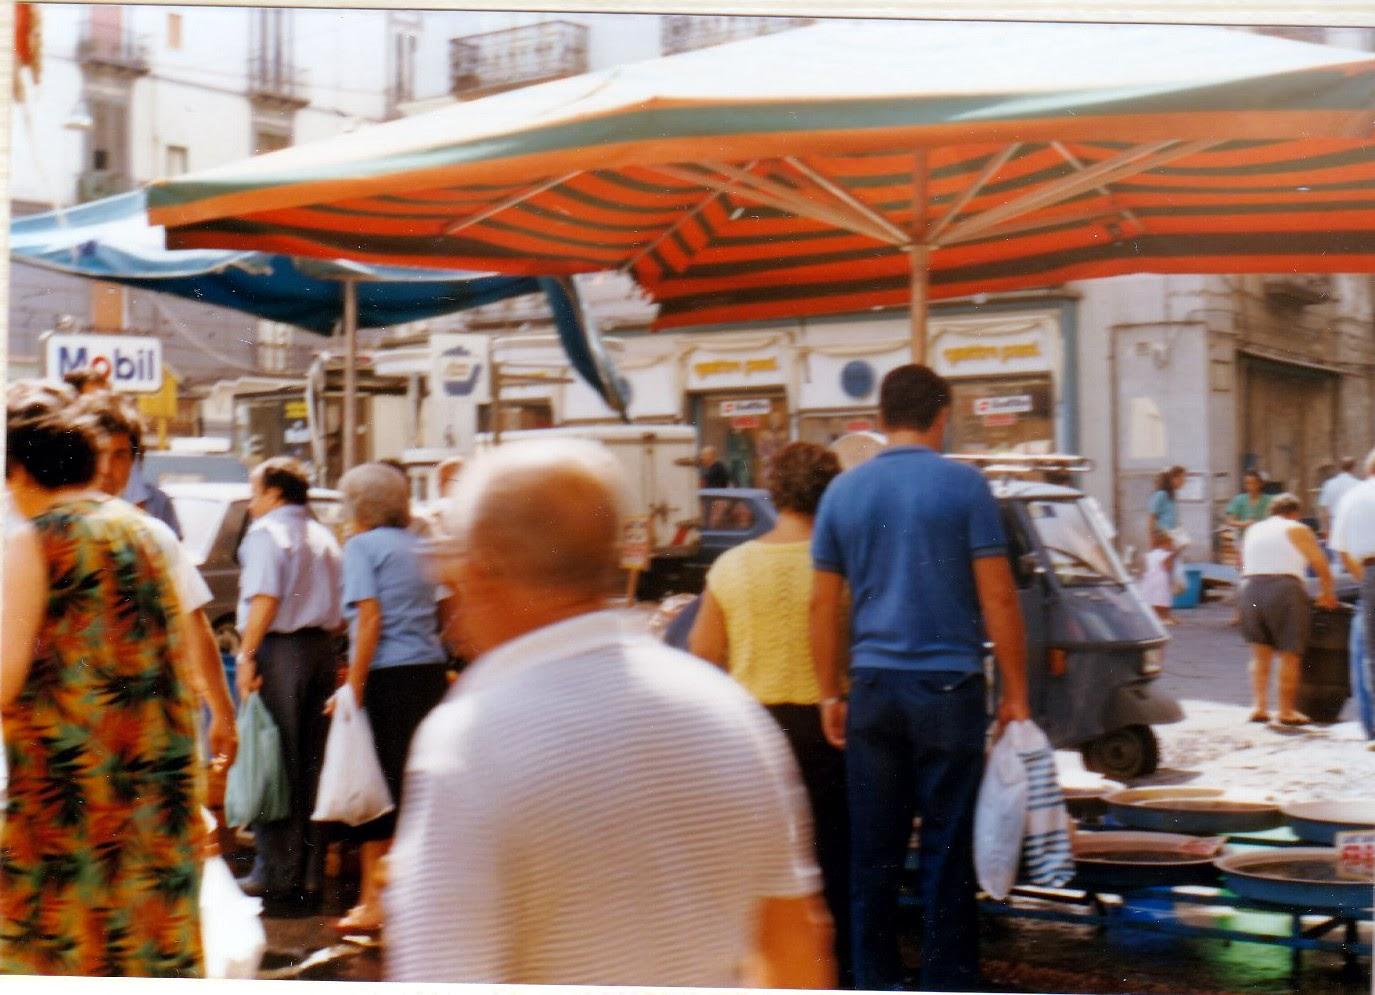 Photo: 『太陽がいっぱい』 http://goo.gl/zFOpRu (参考画像) ナポリ、ノラーナ門(Porta Nolana)前  魚市場の場面で登場したPorta Capuanaから南南東に500mほどのところ ©赤松幸吉